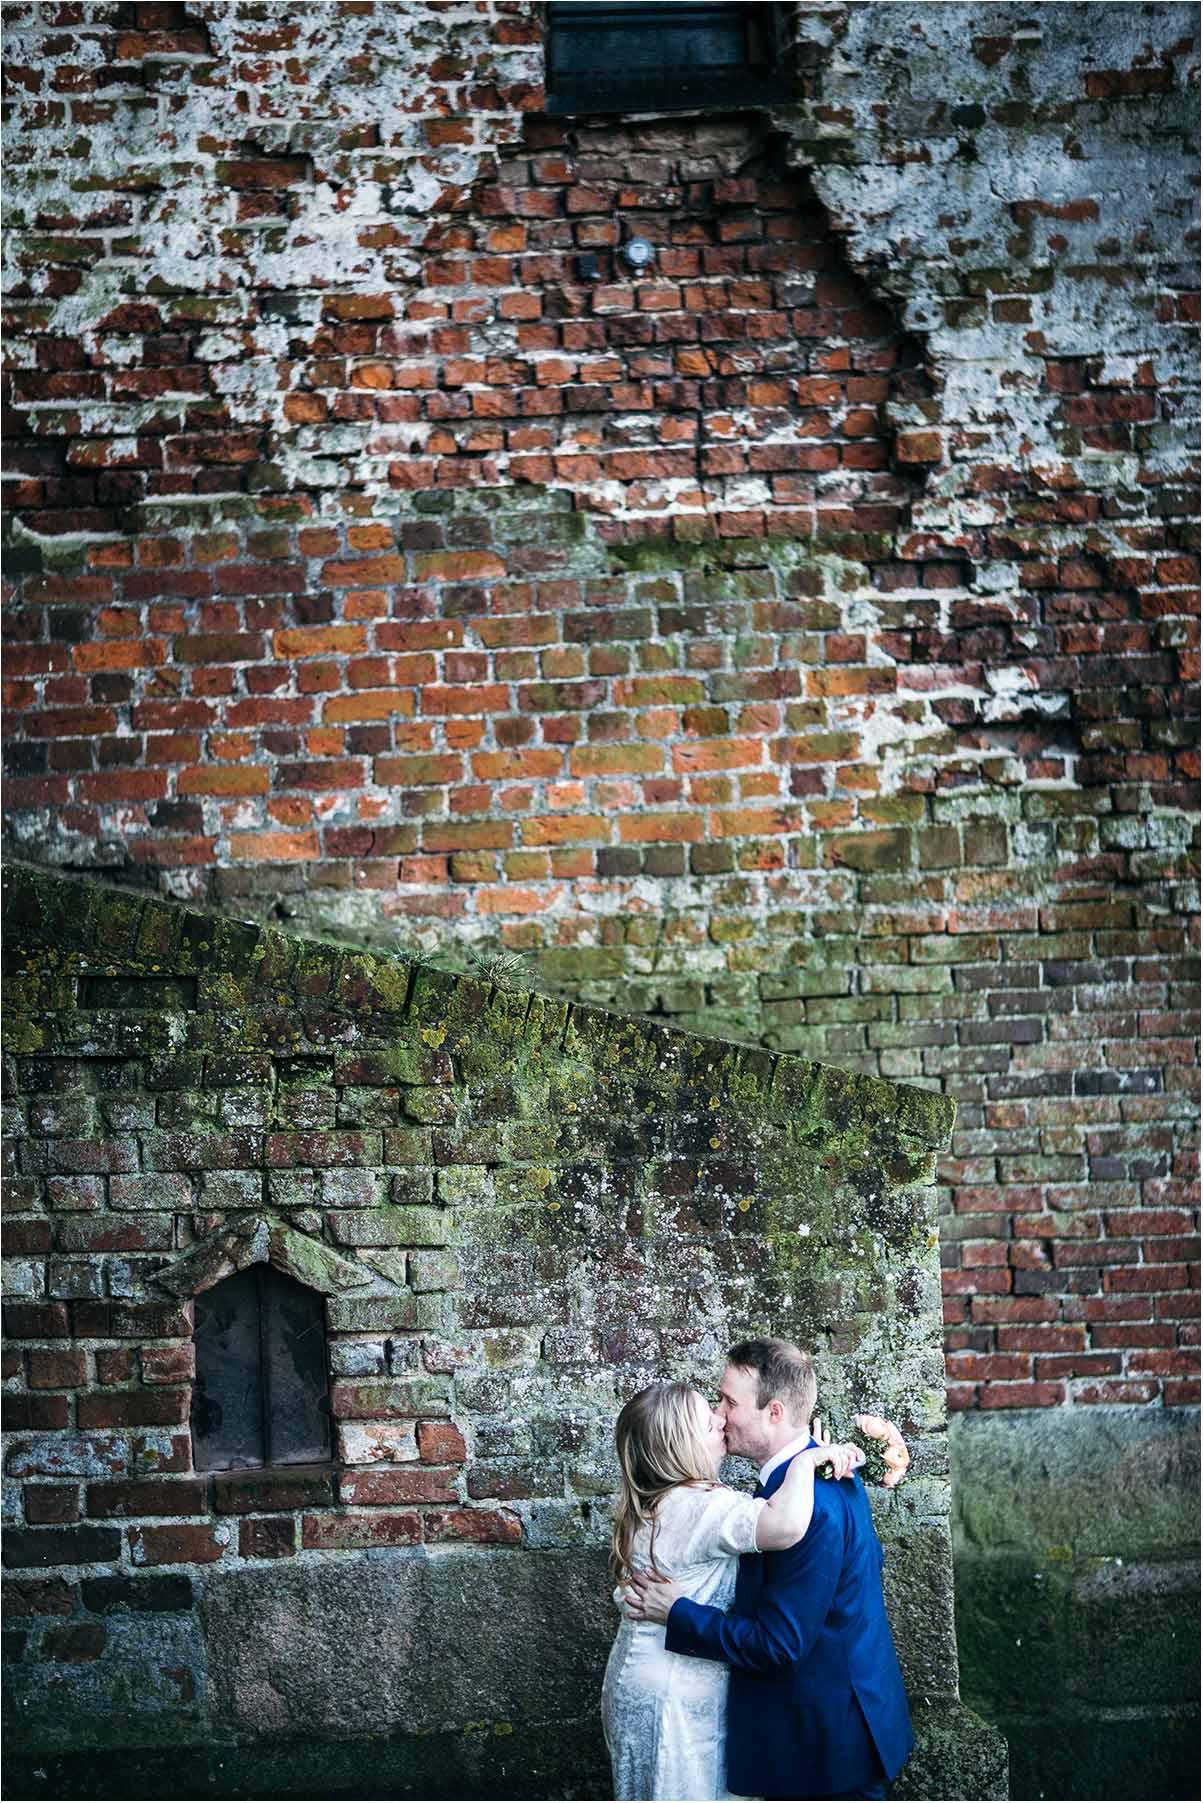 Billeder fra bryllupsfotograf i Odense/Fyn